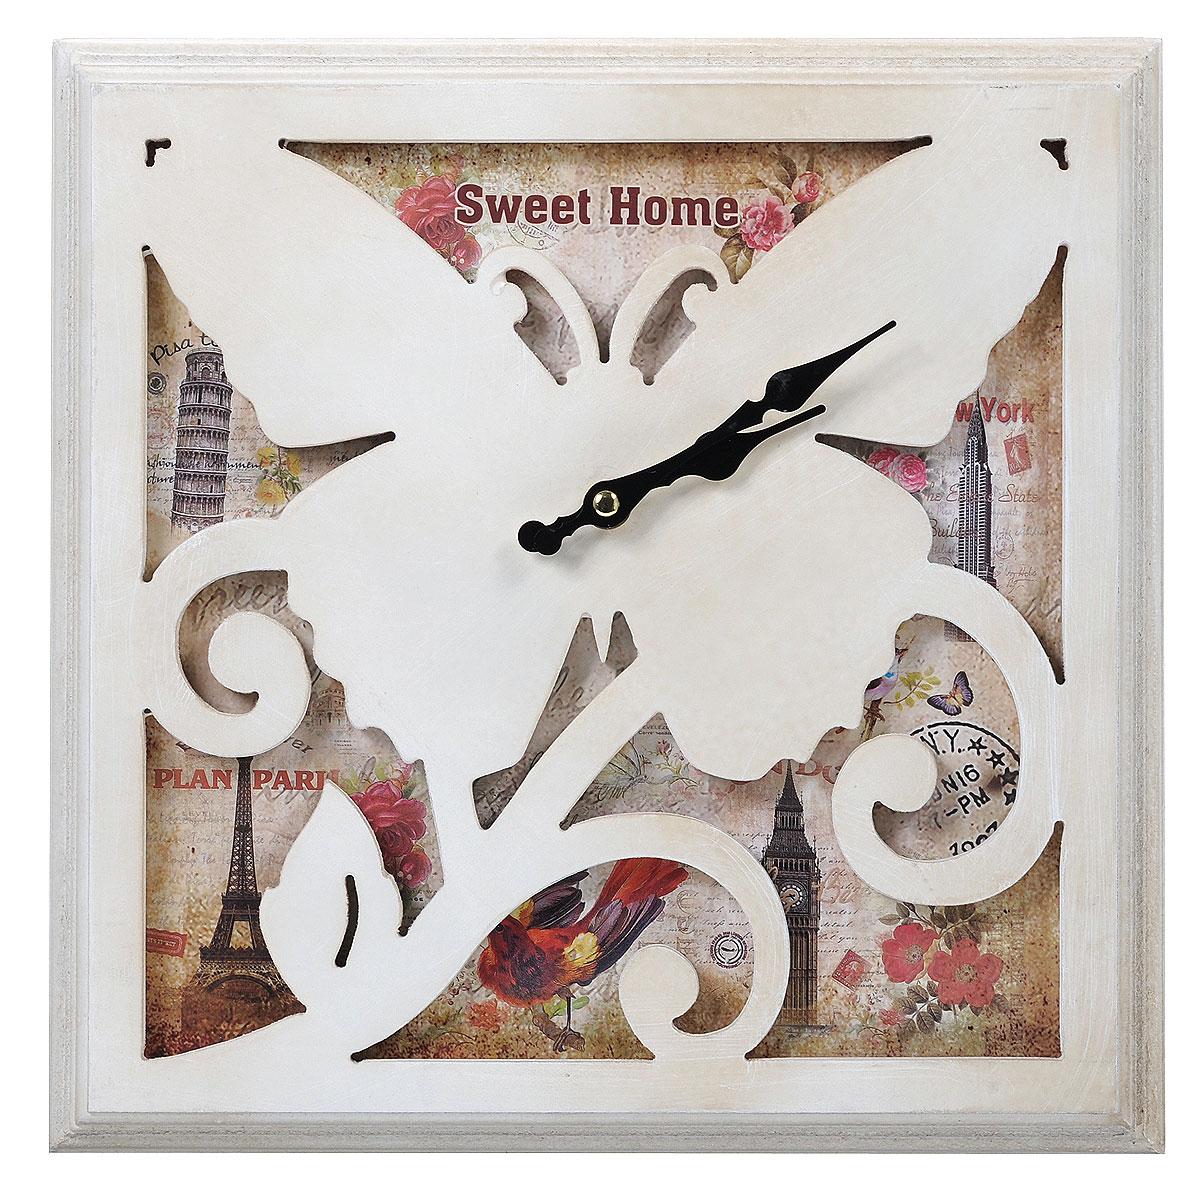 Часы настенные Sweer Home. 3038130381Настенные кварцевые часы квадратной формы Sweer Home изящно украсят интерьер дома или офиса. Корпус часов, выполненный из МДФ, оформлен красочным изображением и декоративным элементом в виде бабочки. Часы оснащены двумя фигурными стрелками - часовой и минутной. Циферблат не защищен стеклом. Часы работают от одной батарейки типа АА мощностью 1,5V (в комплект не входит).